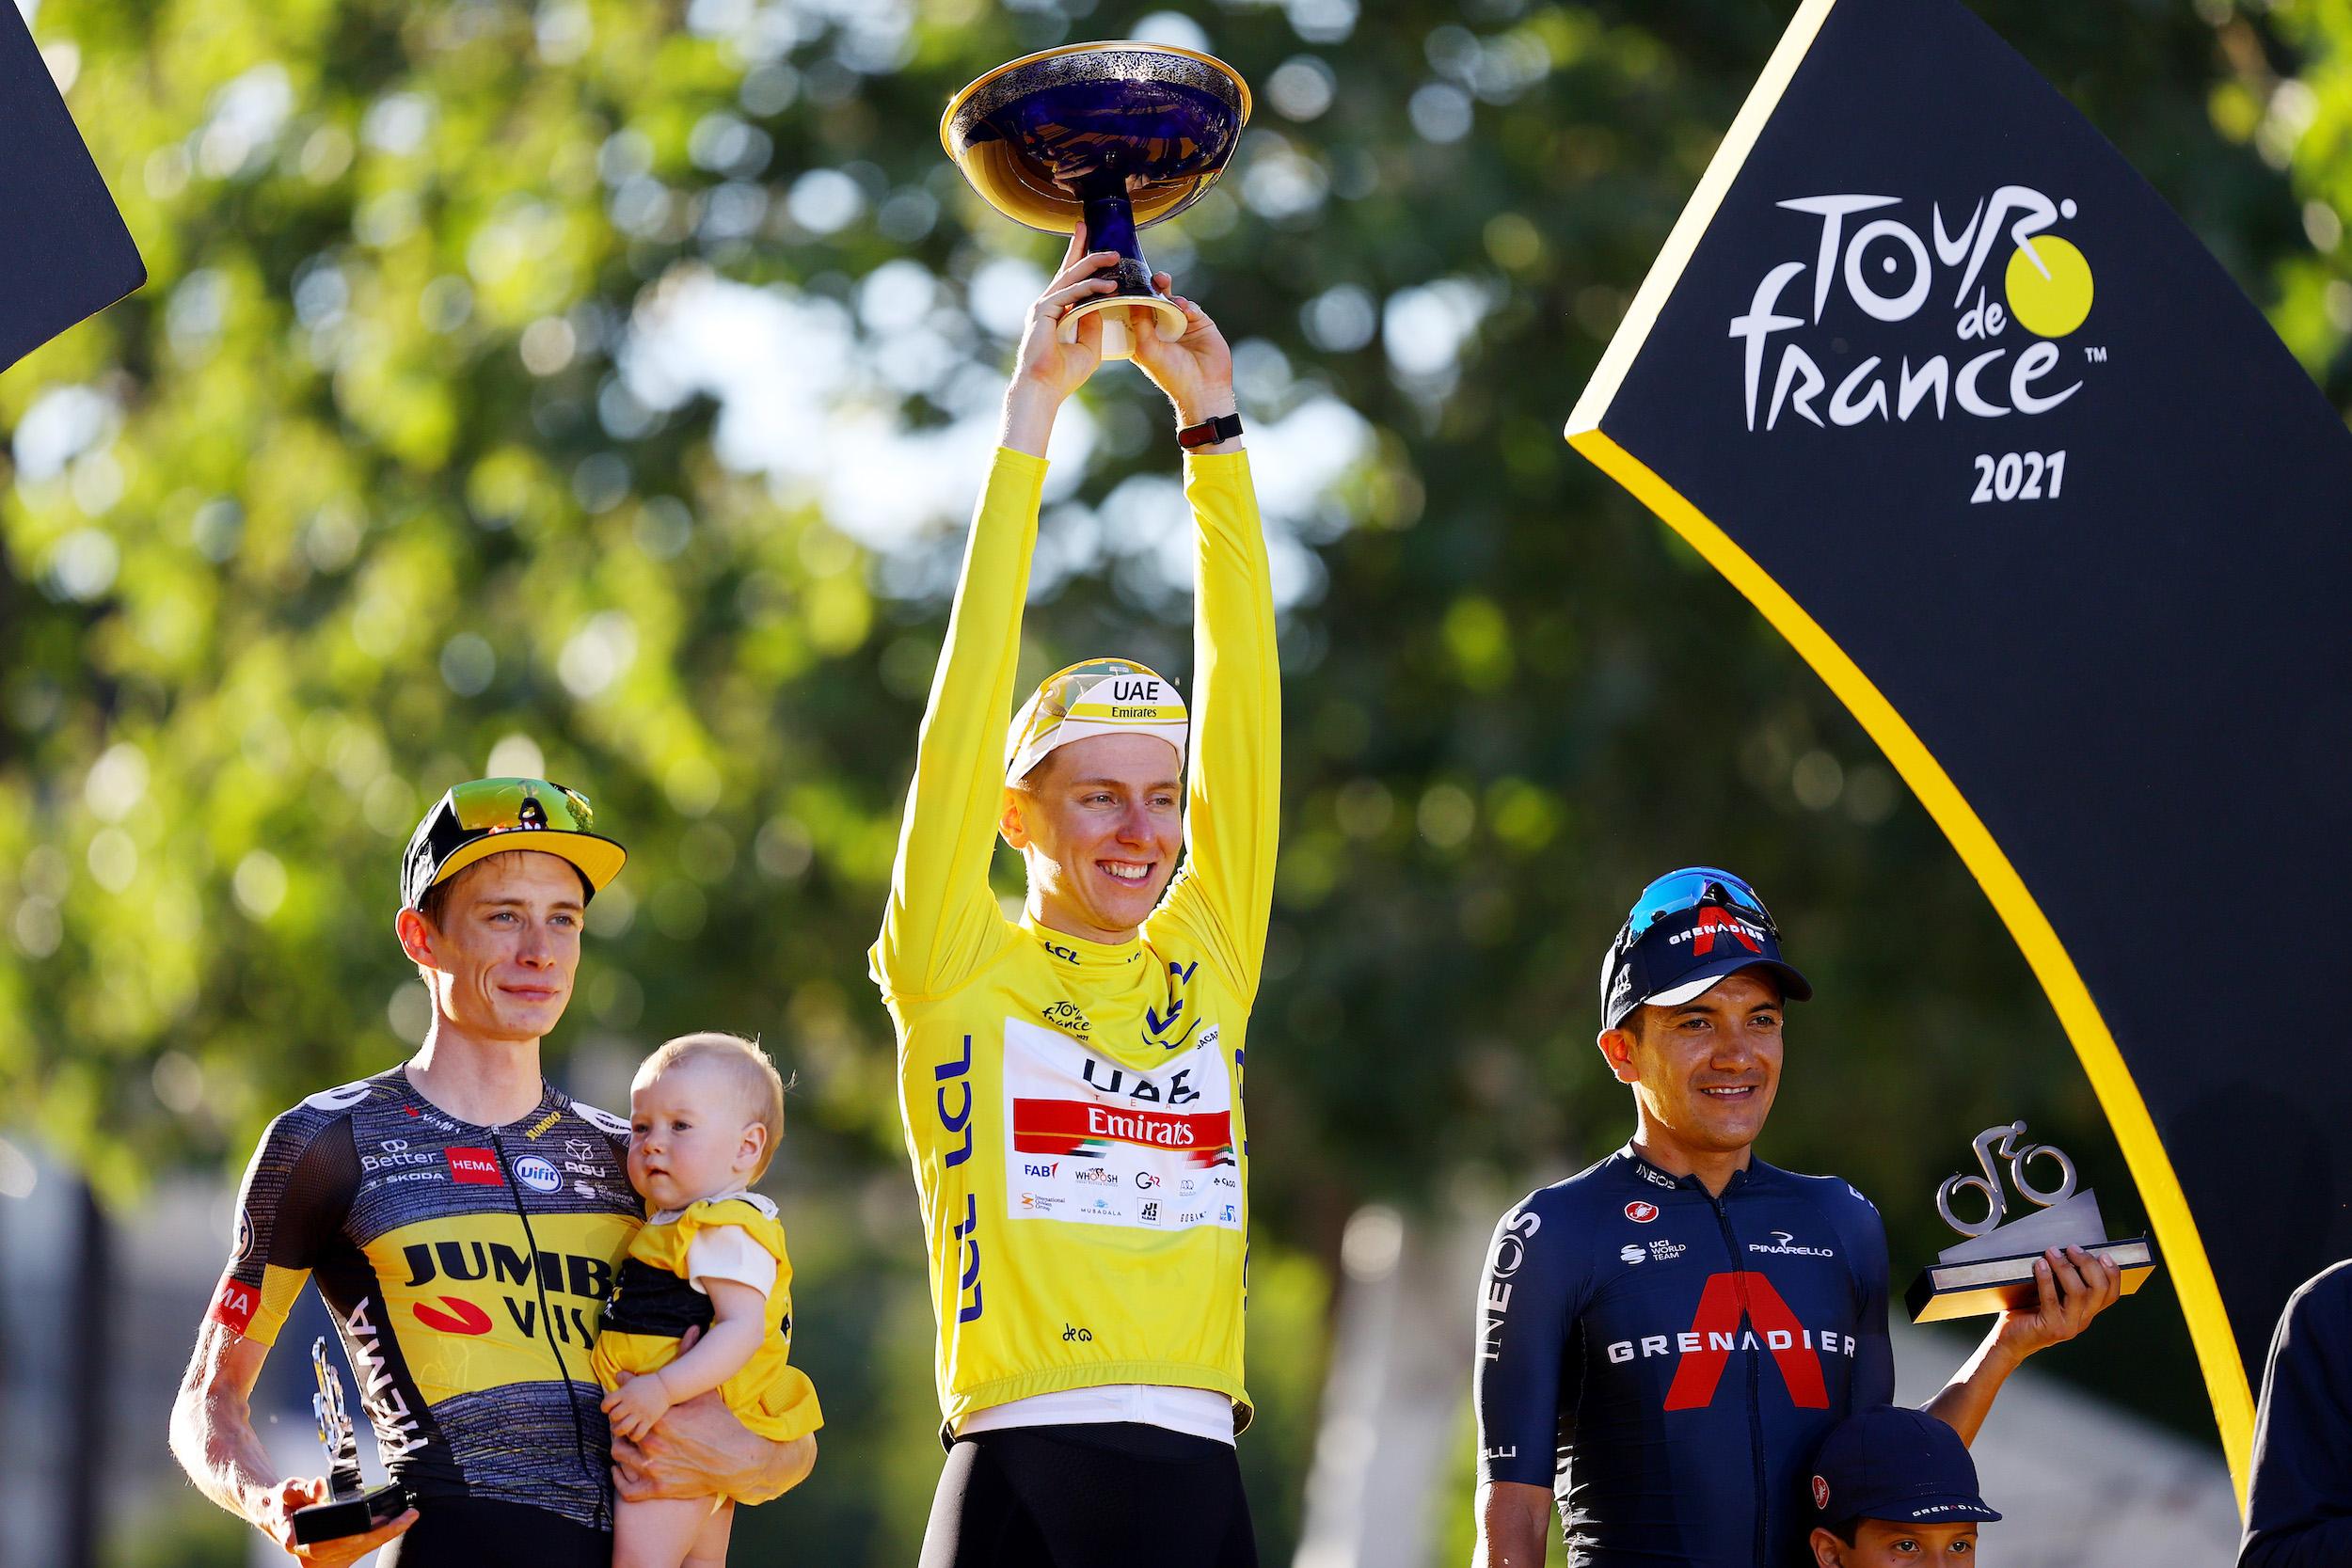 Tadej Pogačar wins the Tour de France 2021